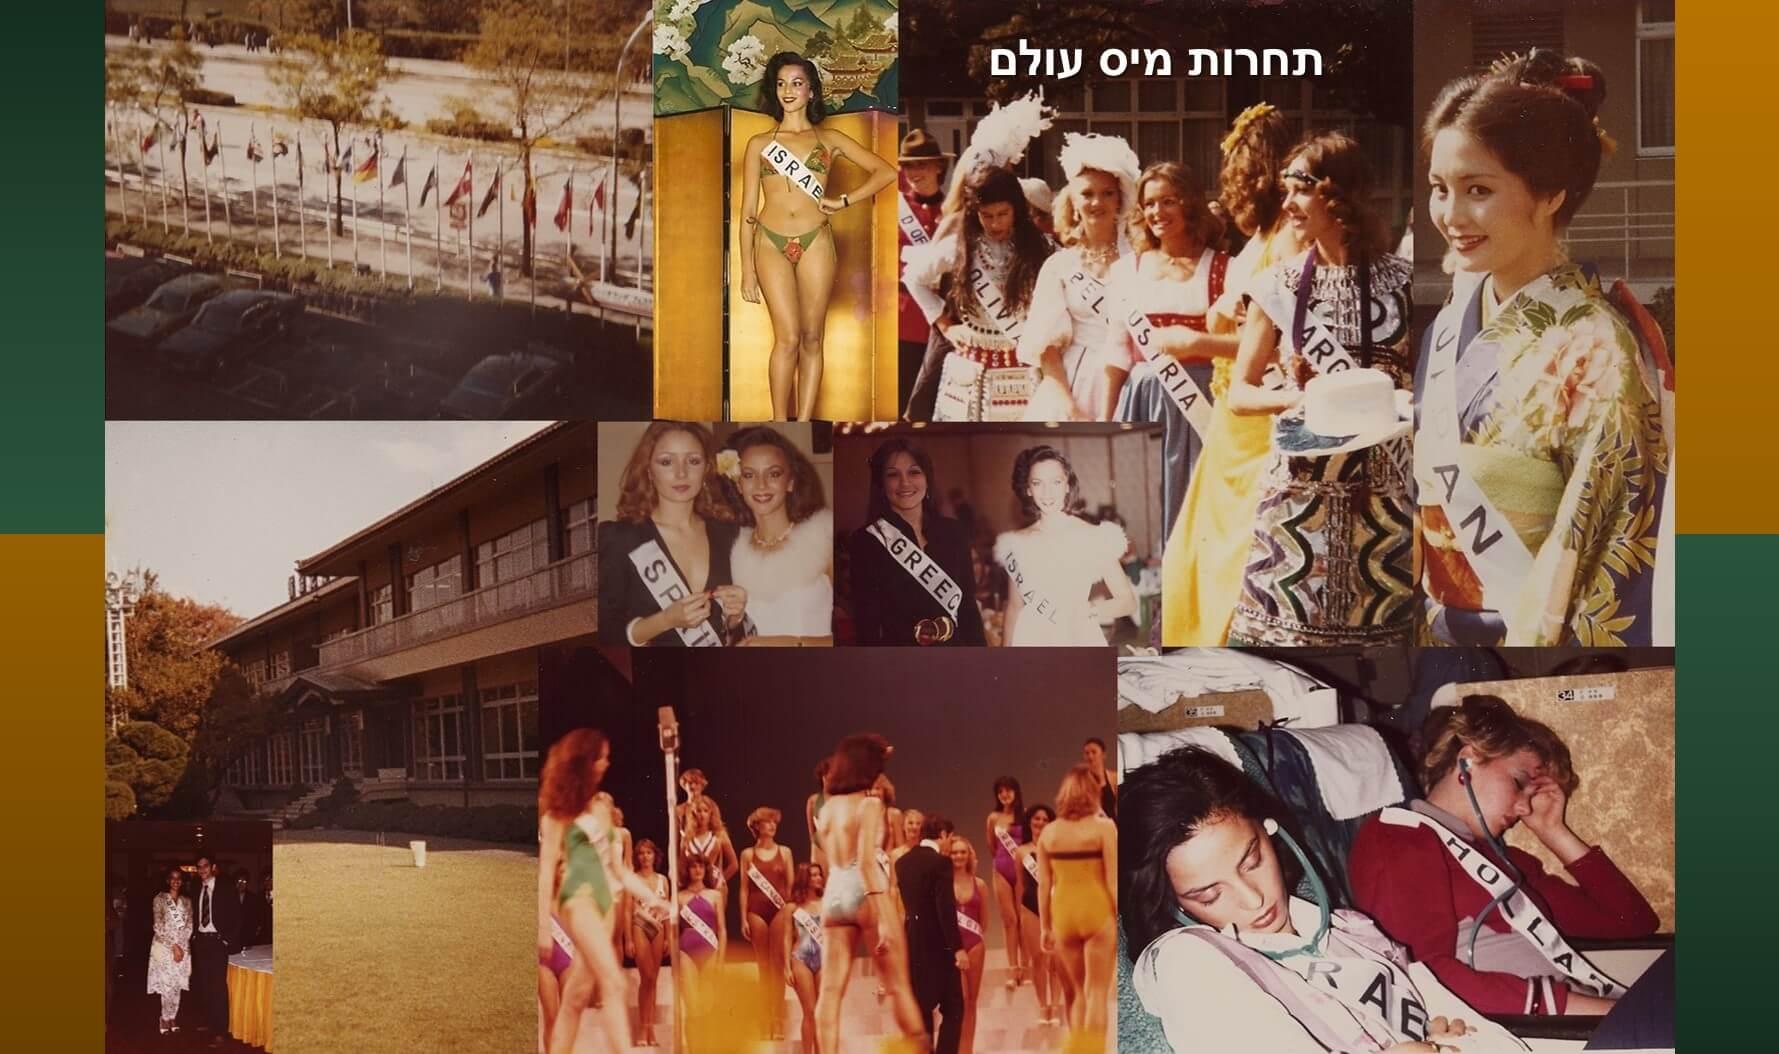 חלי בתחרות מיס אינטרנשיונל 1979 ביפן